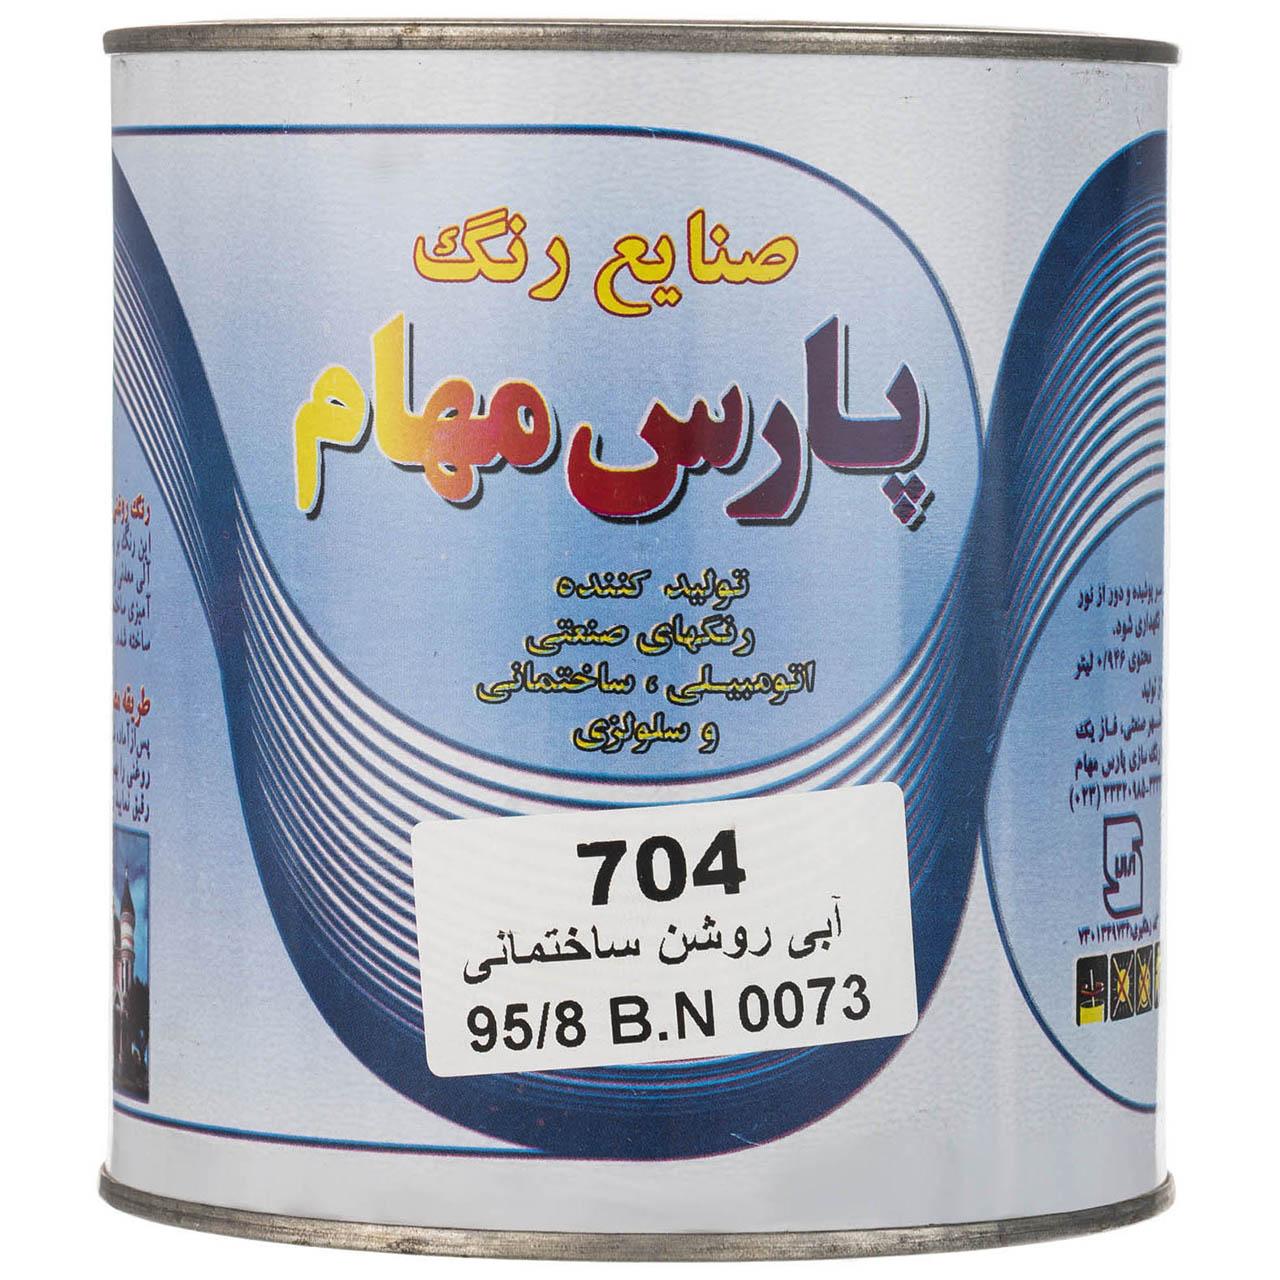 قیمت قوطی رنگ آبی روشن پارس مهام کد 704 حجم 946 میلی لیتر